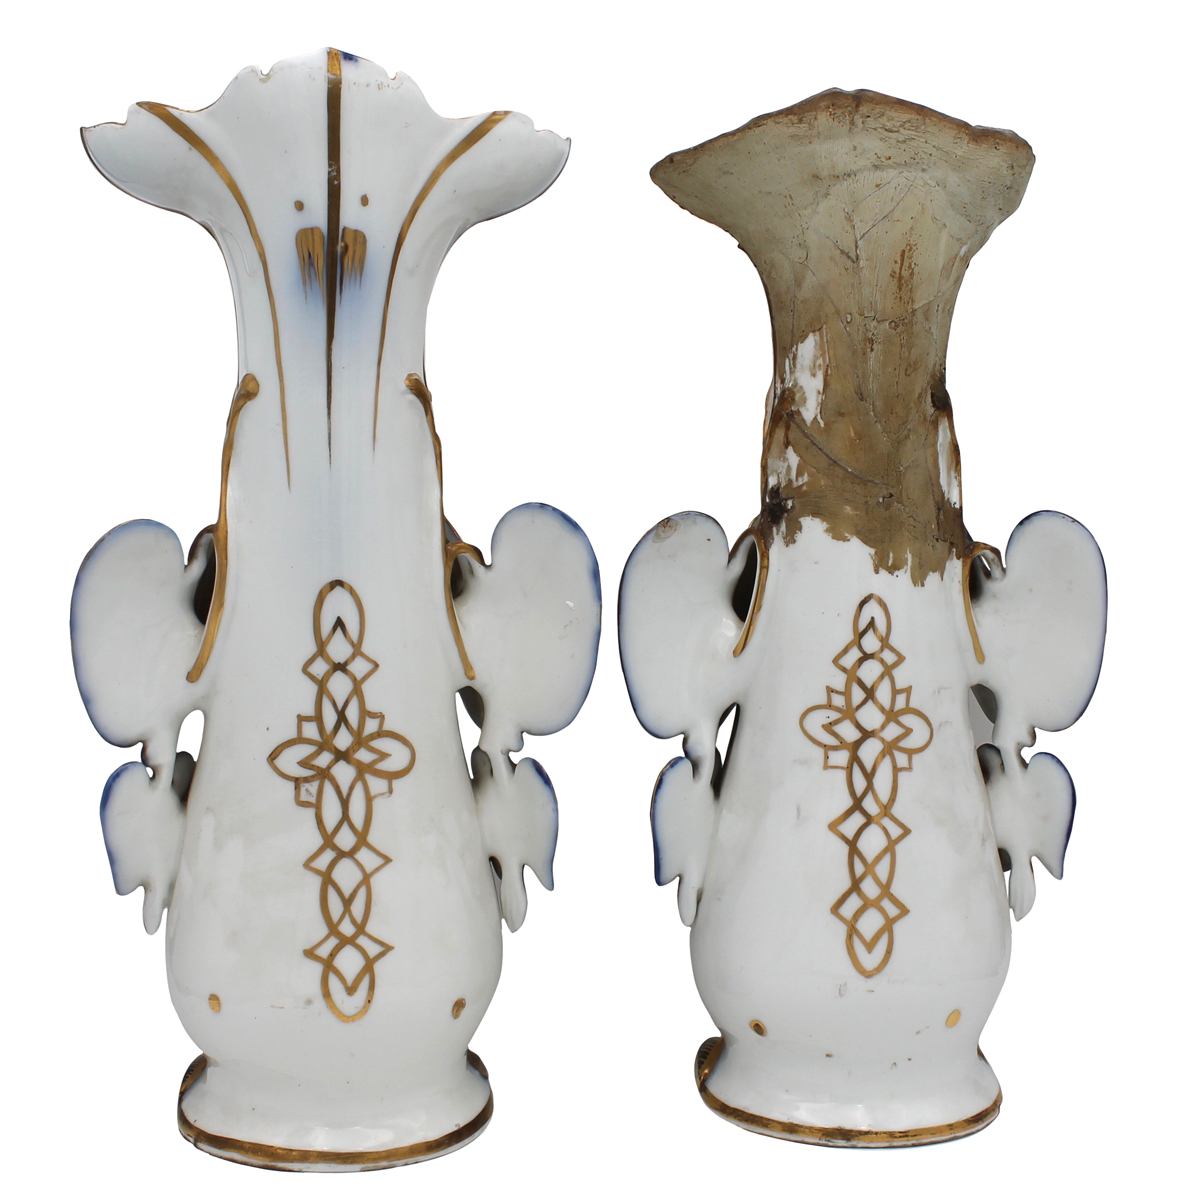 COPPIA VASI - COUPLE OF VASES - Image 2 of 2